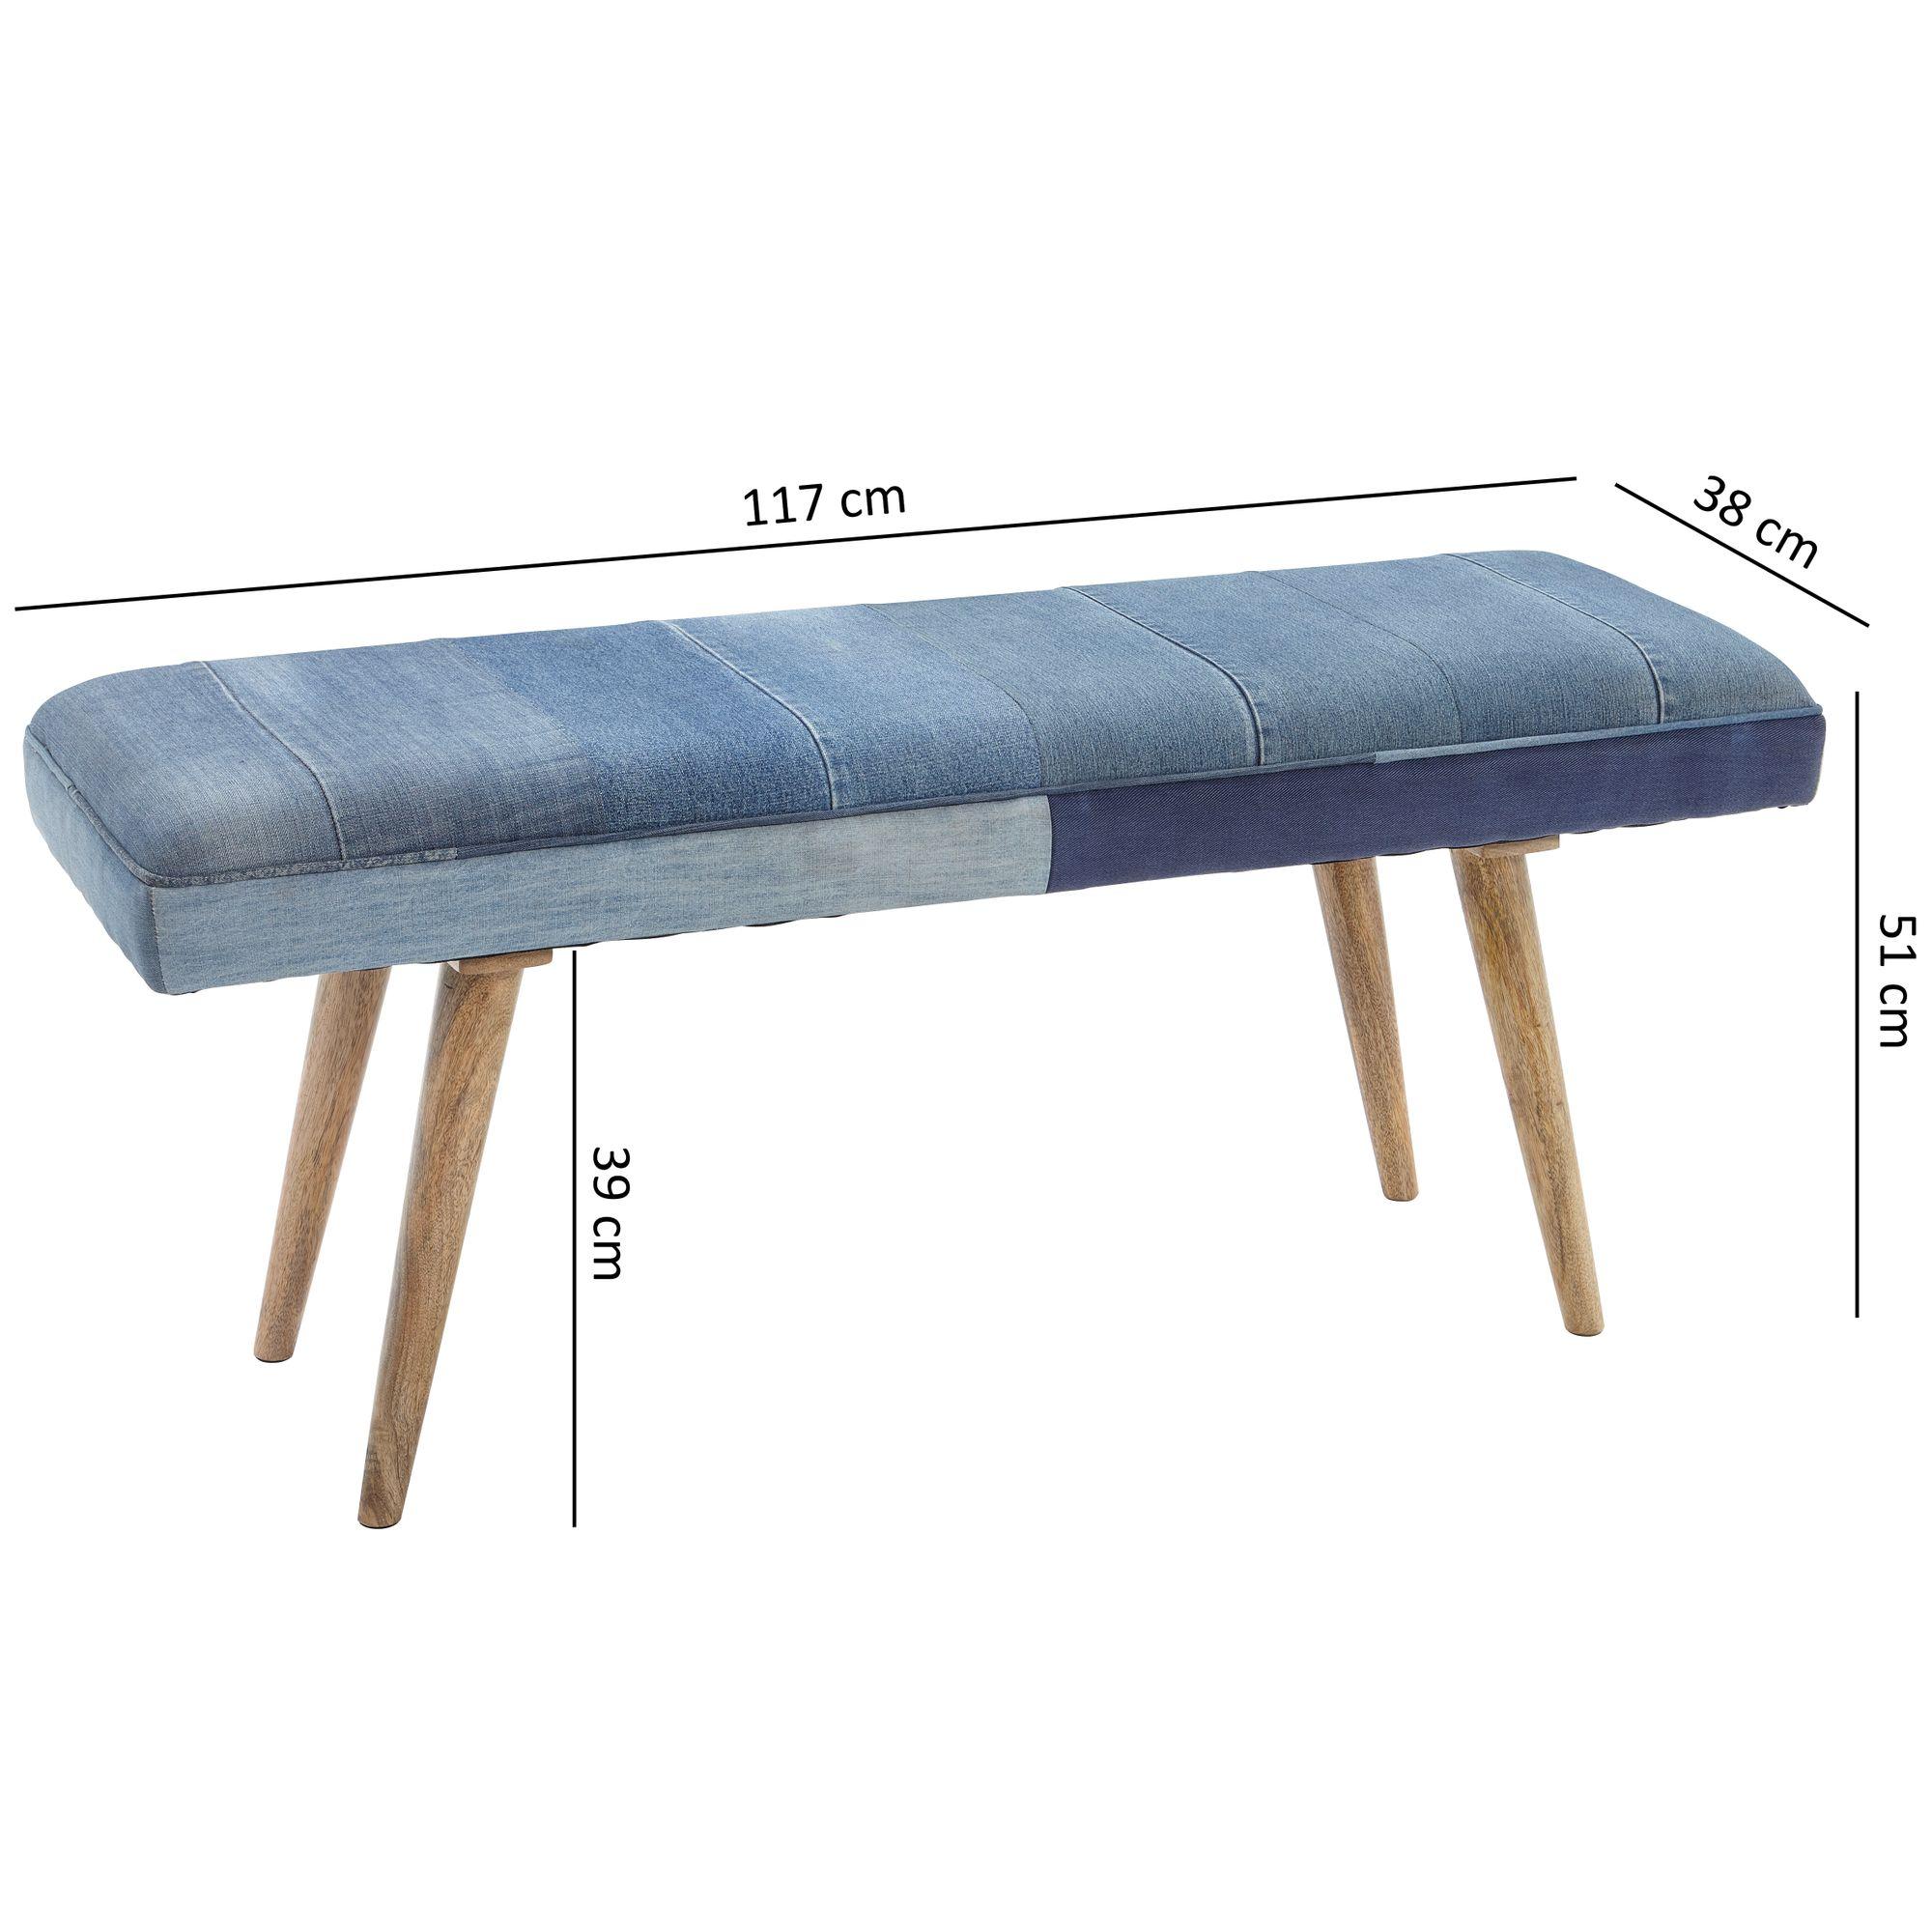 Full Size of Sitzbank Küche Mit Lehne Bett Gepolstertem Kopfteil Schlafzimmer Garten Bad Wohnzimmer Gepolsterte Sitzbank